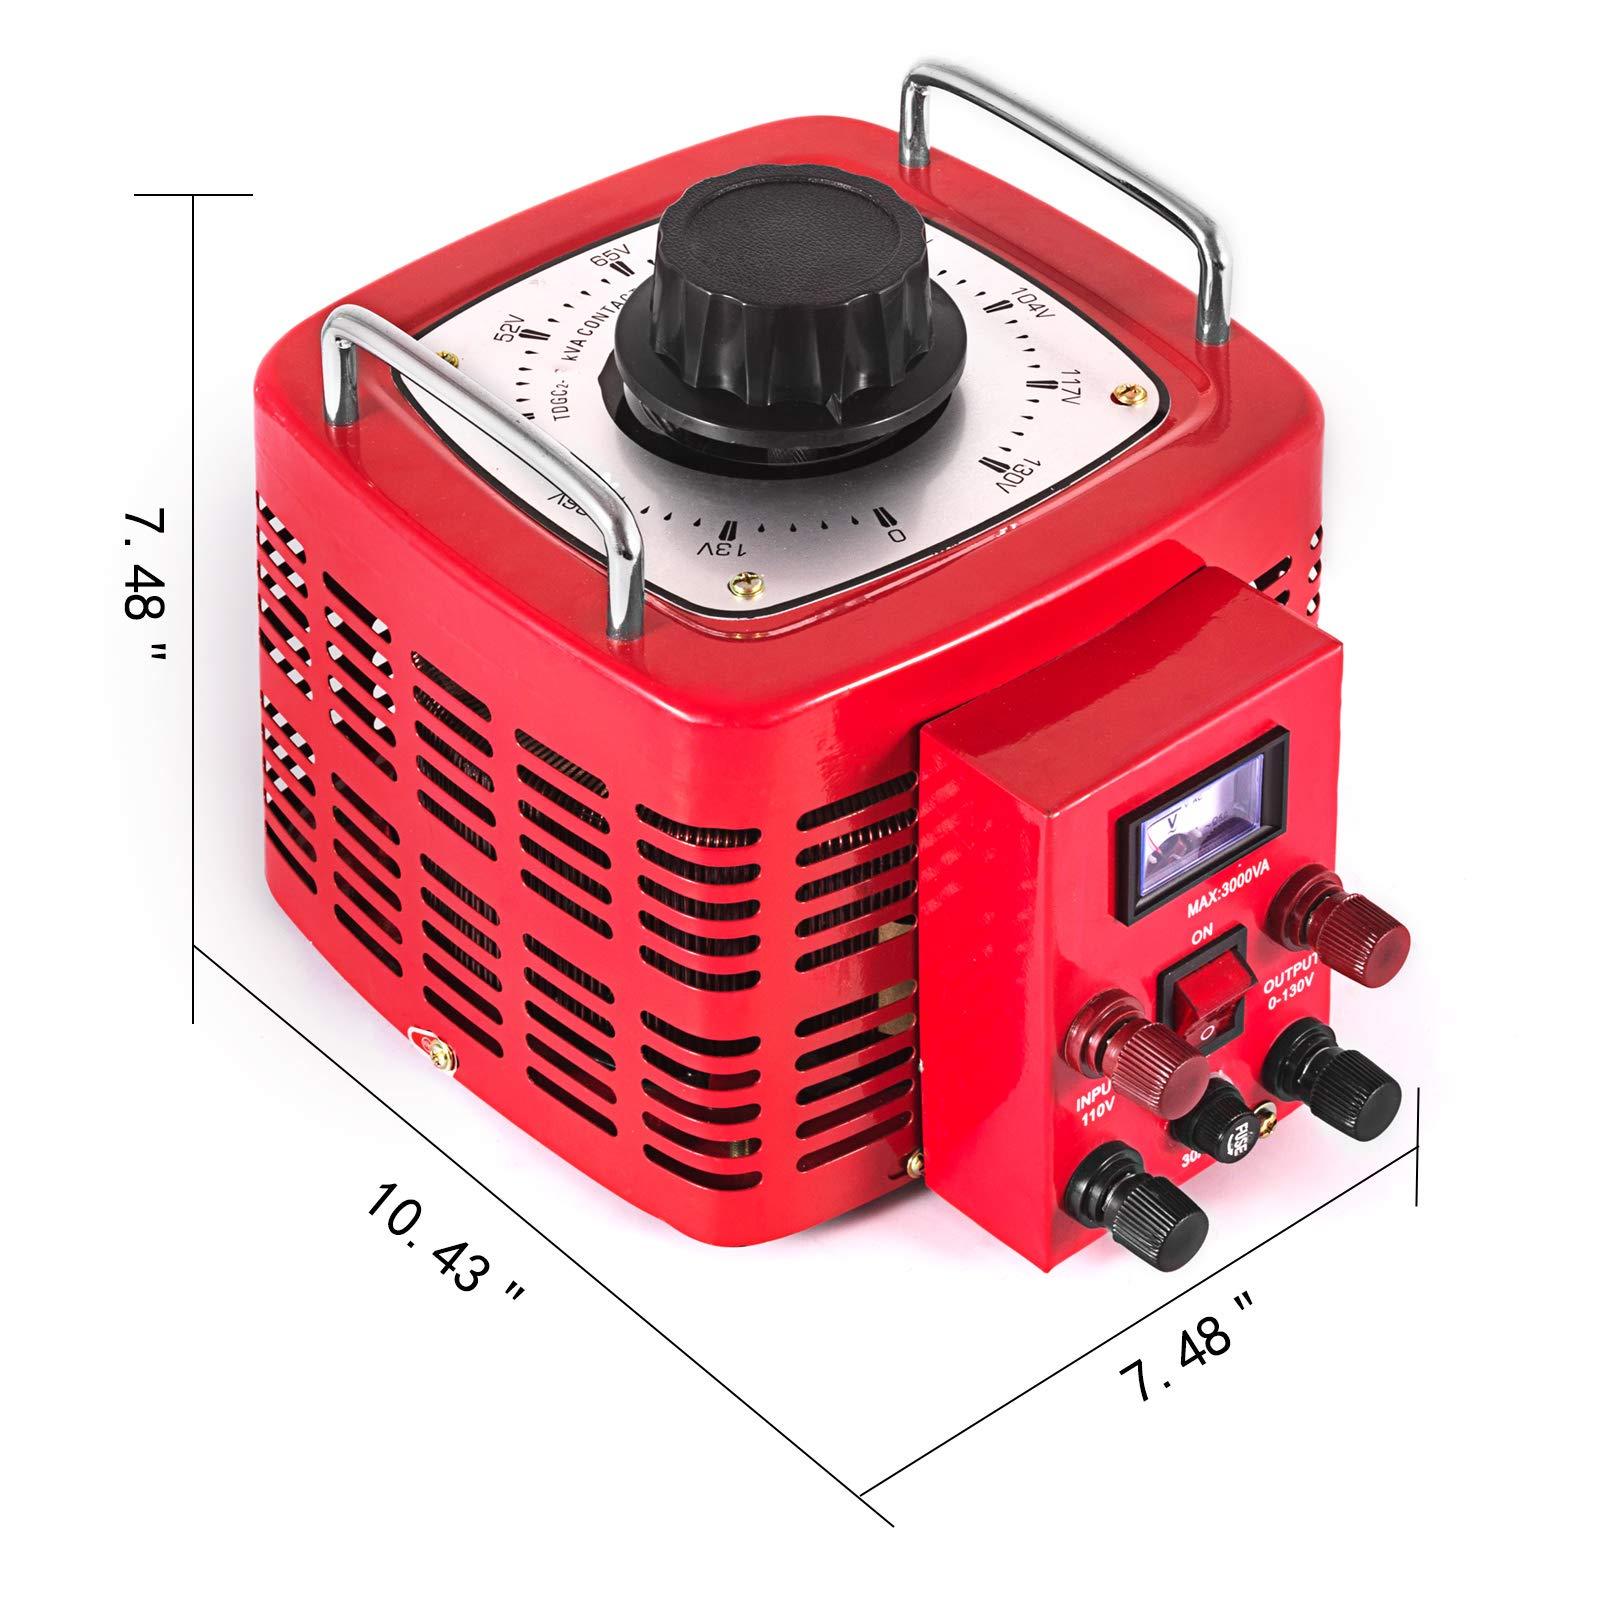 VEVOR 3KVA Transformer Max 30 Amp Variable Transformer 0~130 Volt Output Variable AC Voltage Regulator for Industries Equipment Appliances by VEVOR (Image #2)